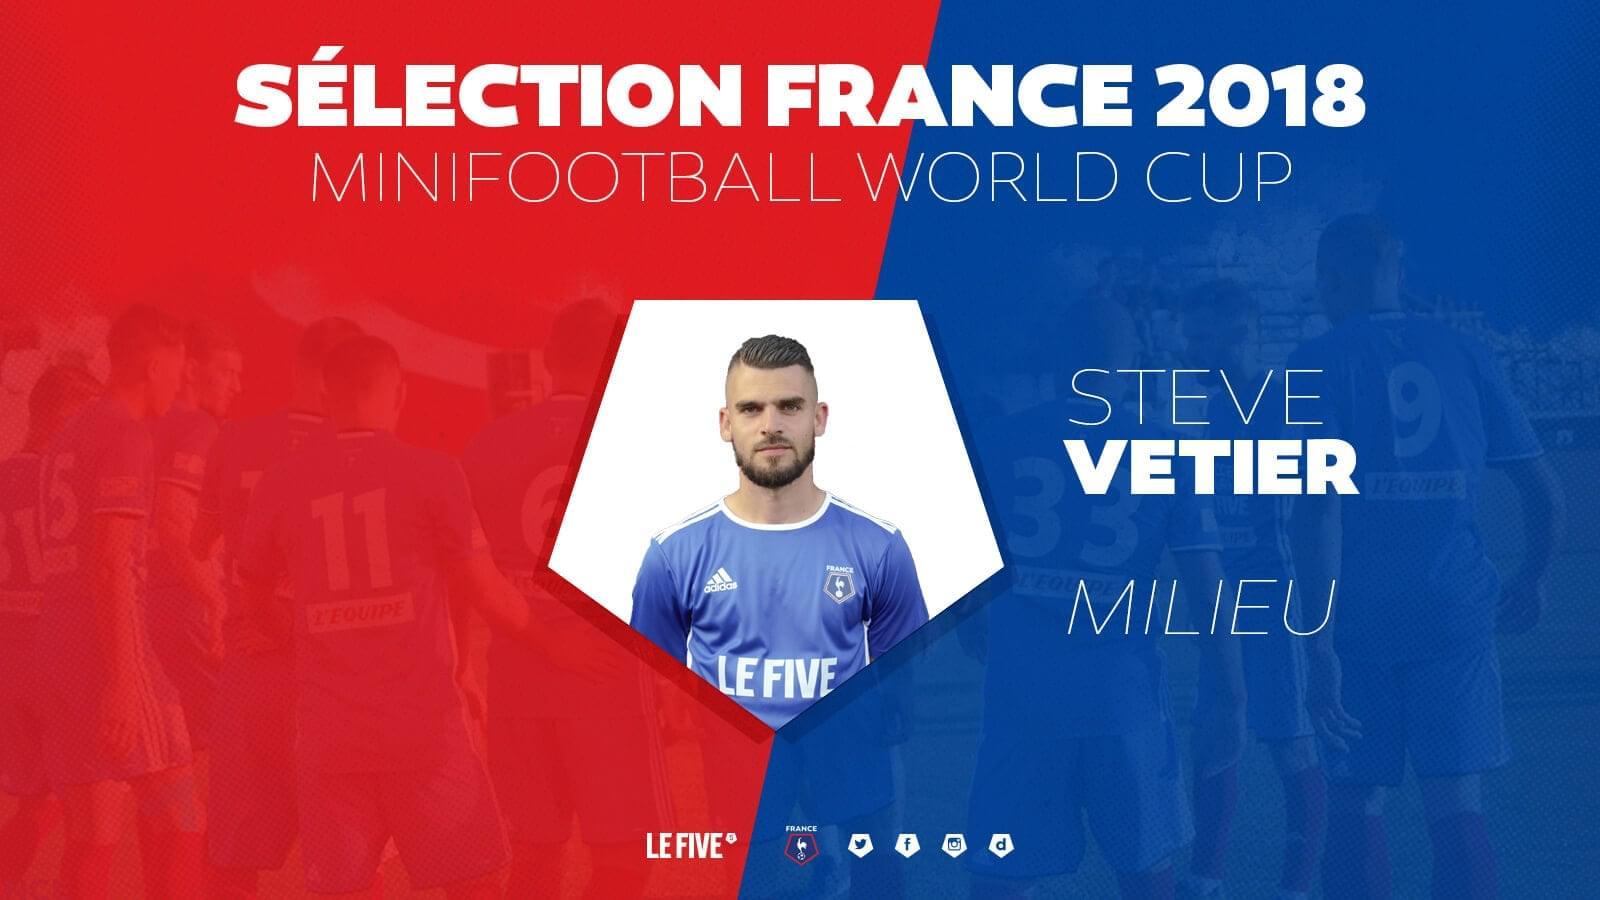 Steve Vetier